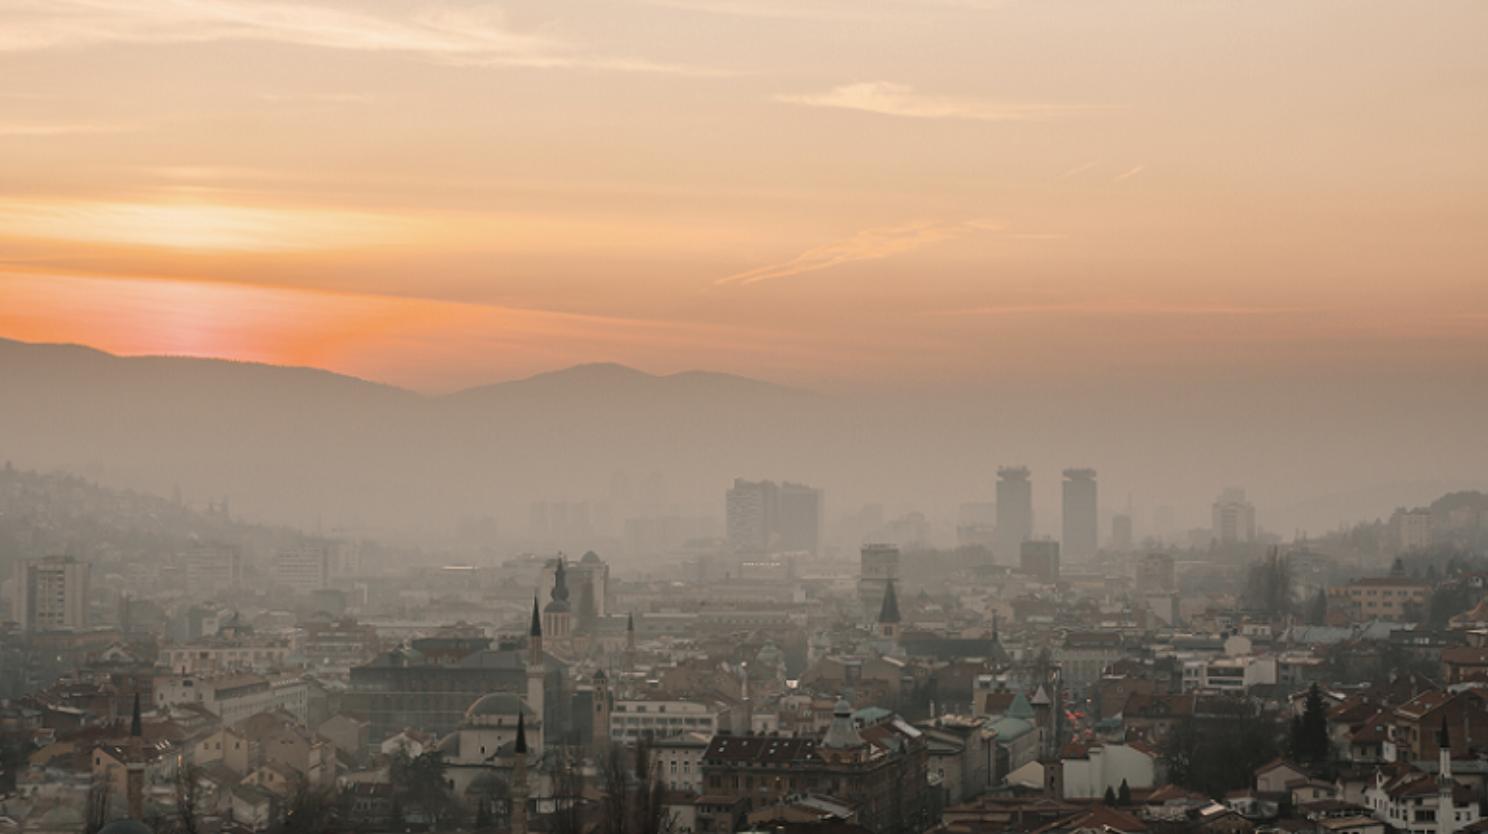 Παγκόσμια Τράπεζα: Η πράσινη οικονομία σημαίνει καθαρότερο αέρα, πιο υγιή ζωή στα Δυτικά Βαλκάνια